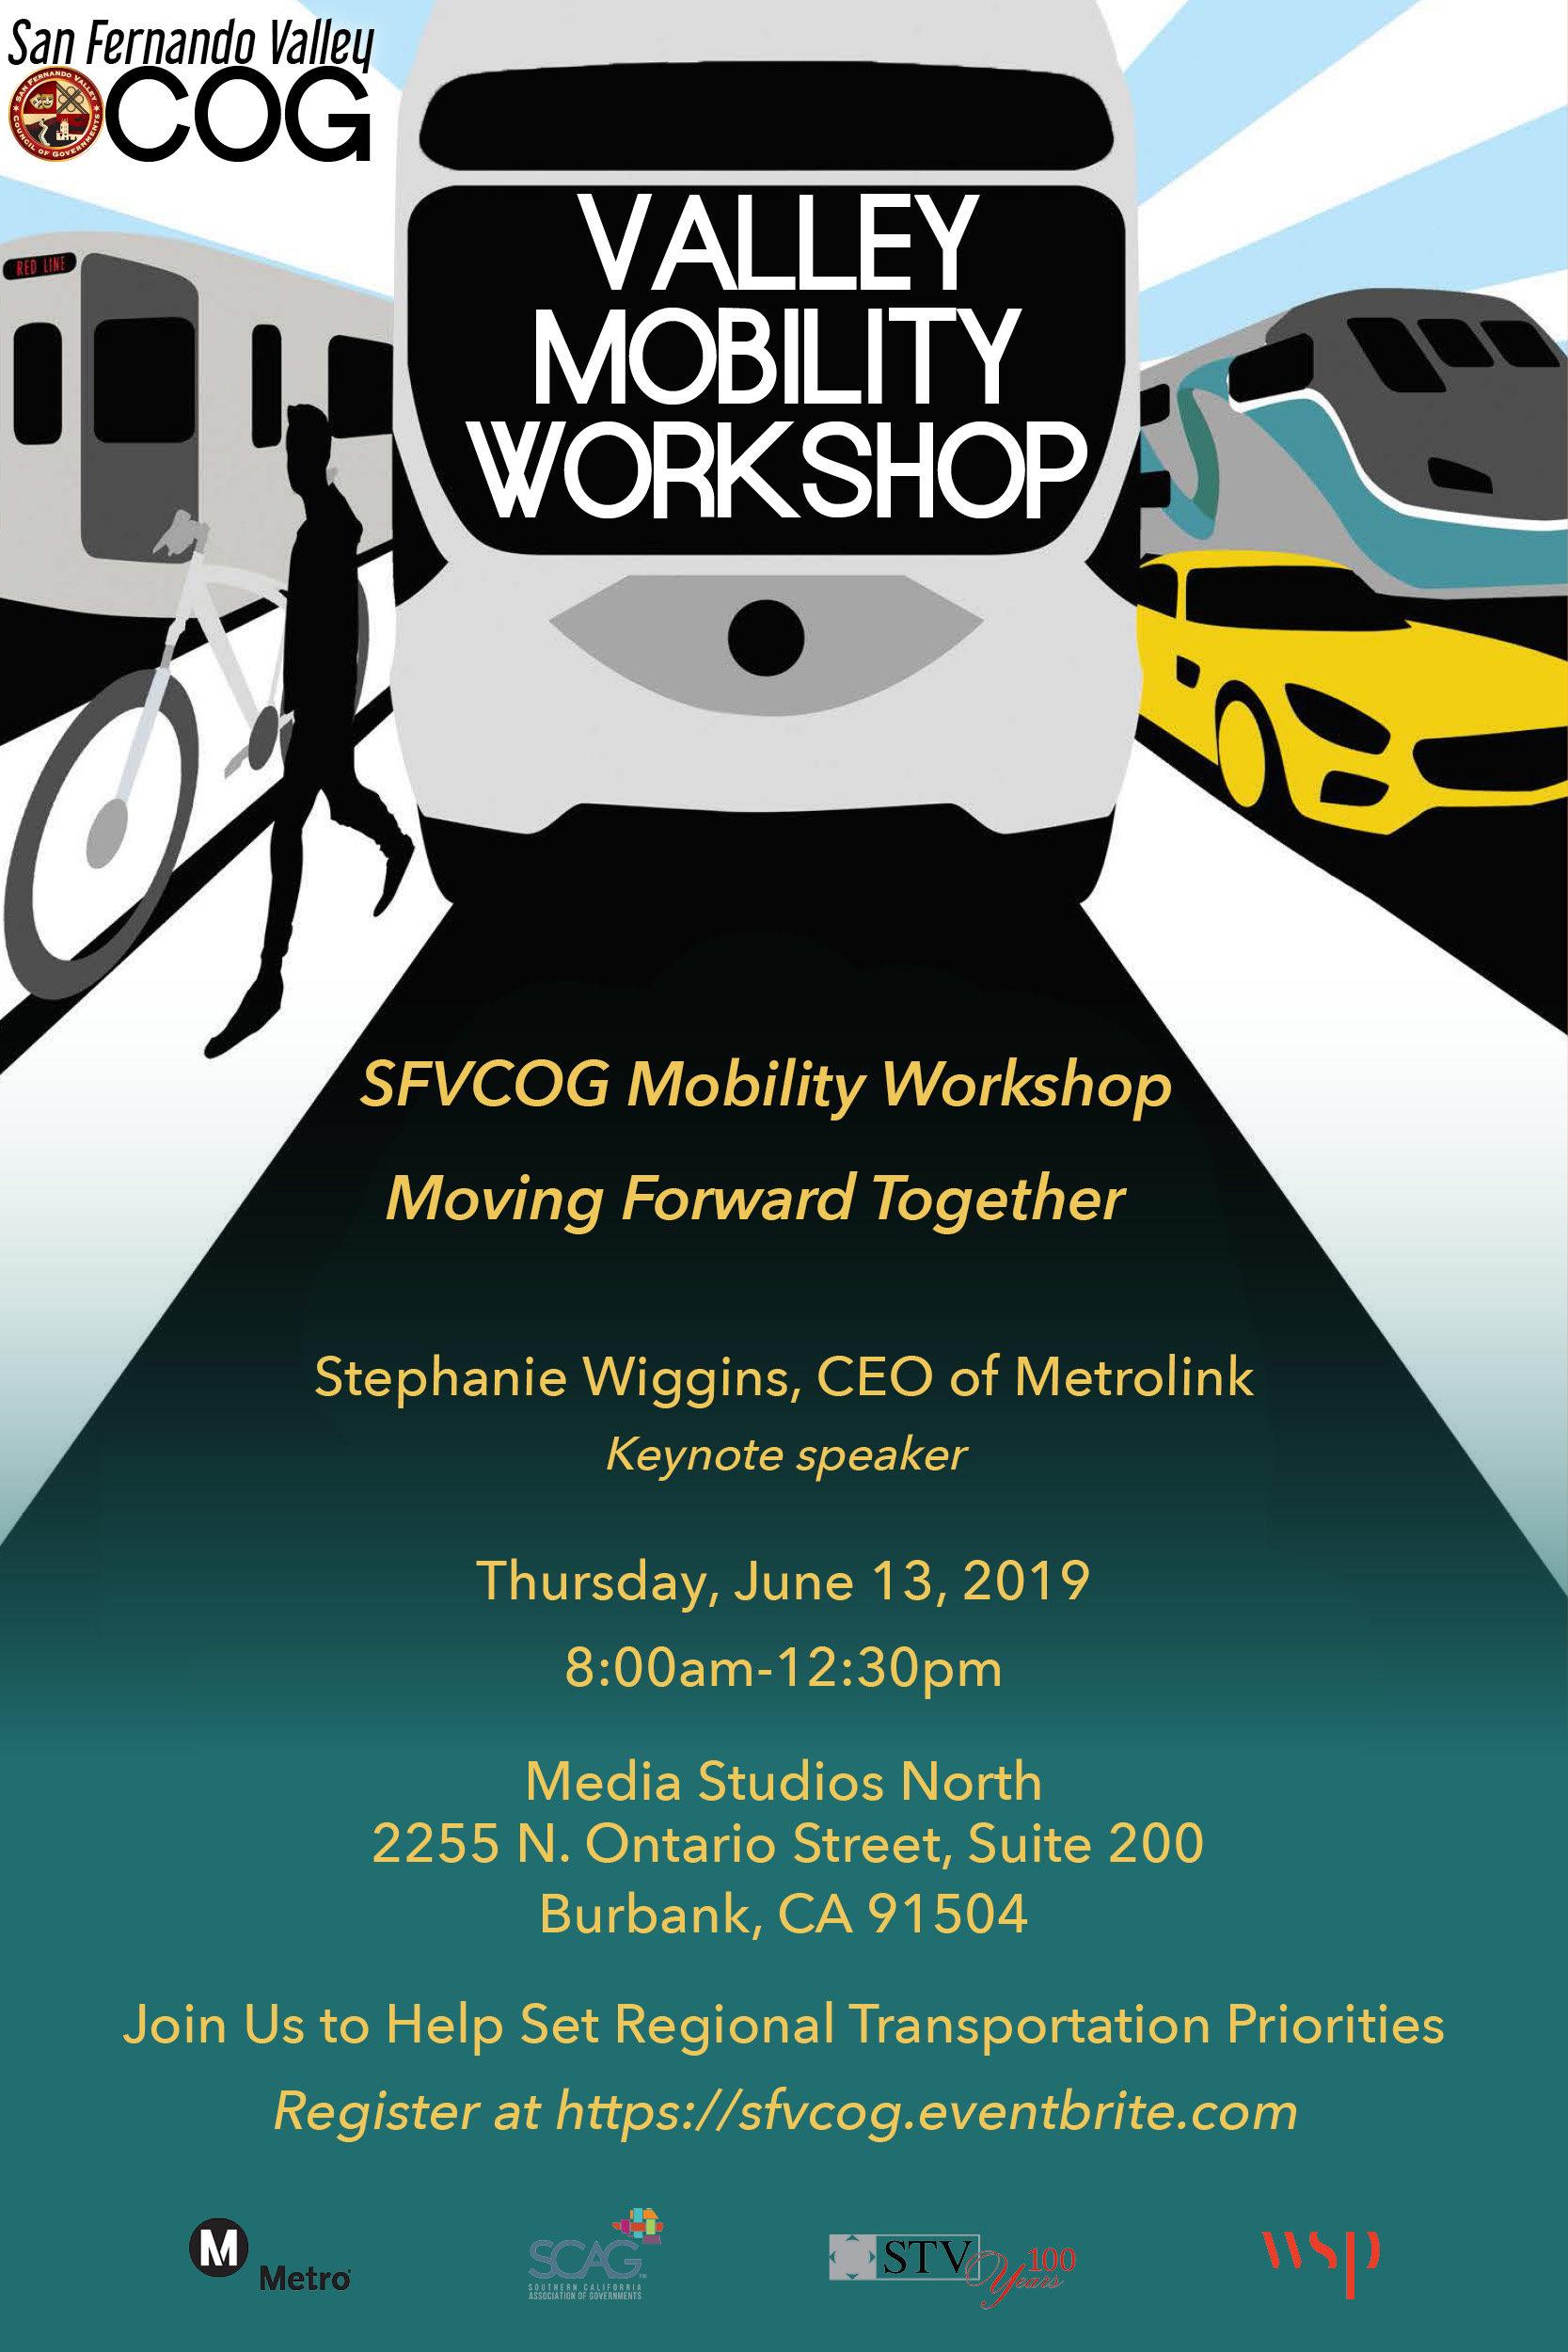 2019 mobility workshop flyer